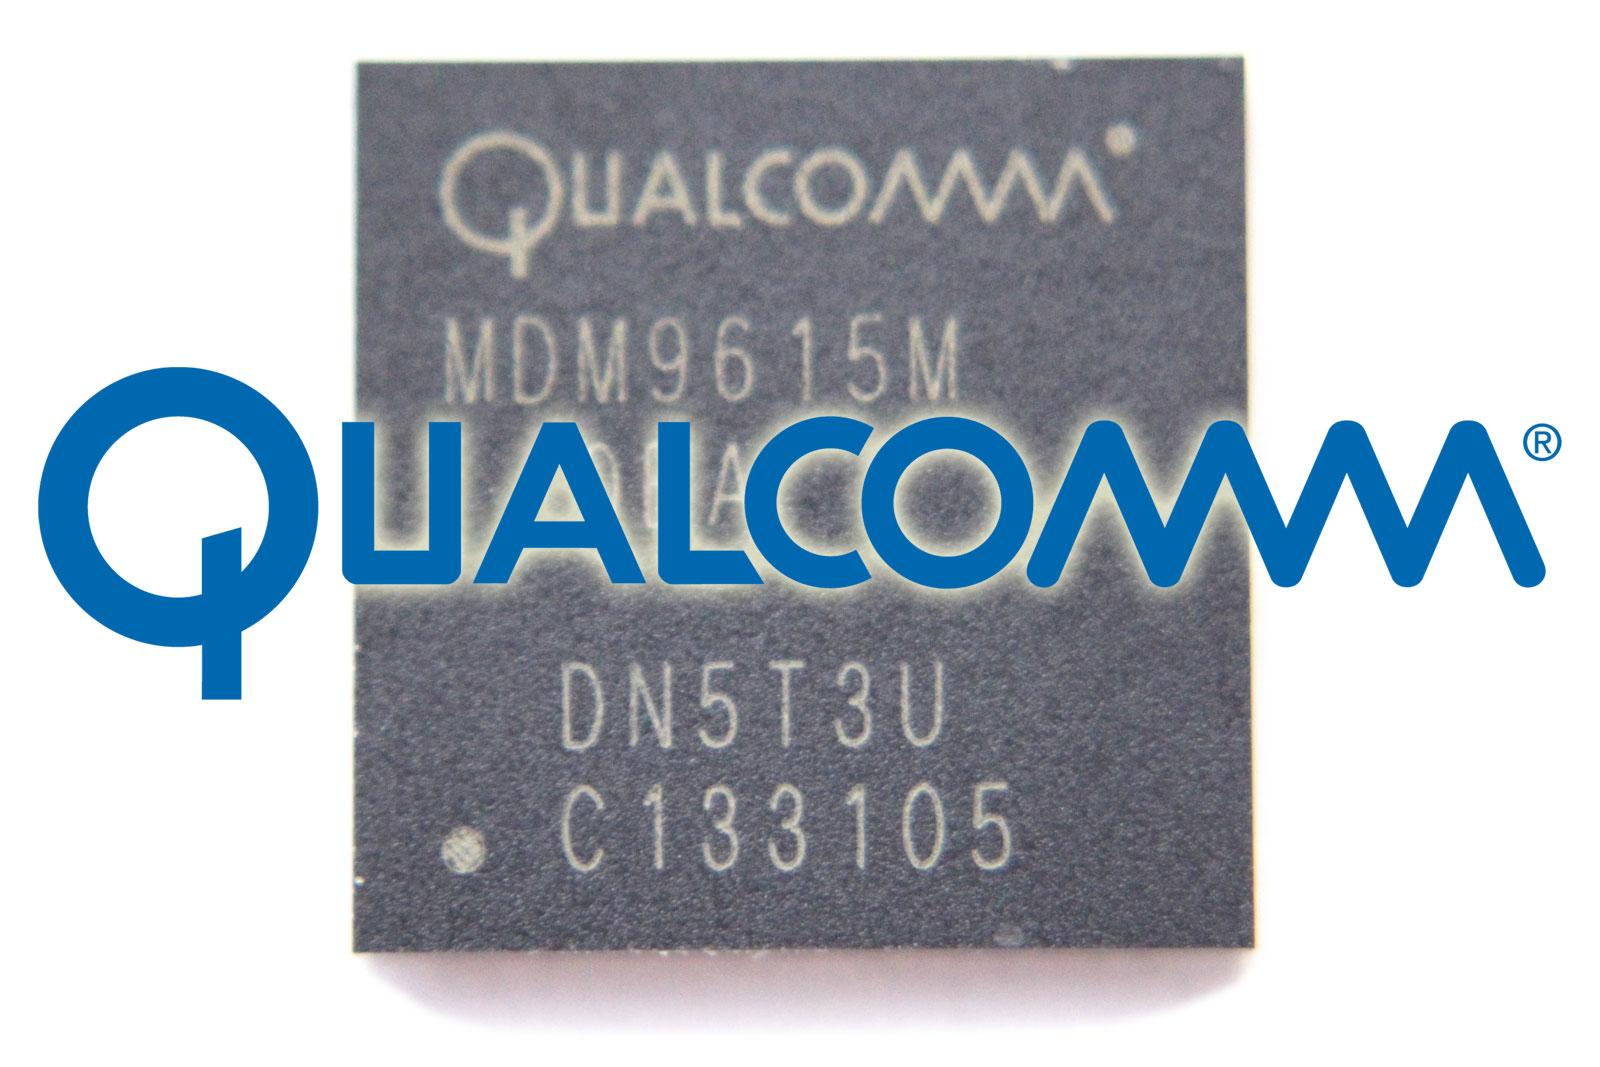 Baseband del iPhone 5 con el logo de Qualcomm